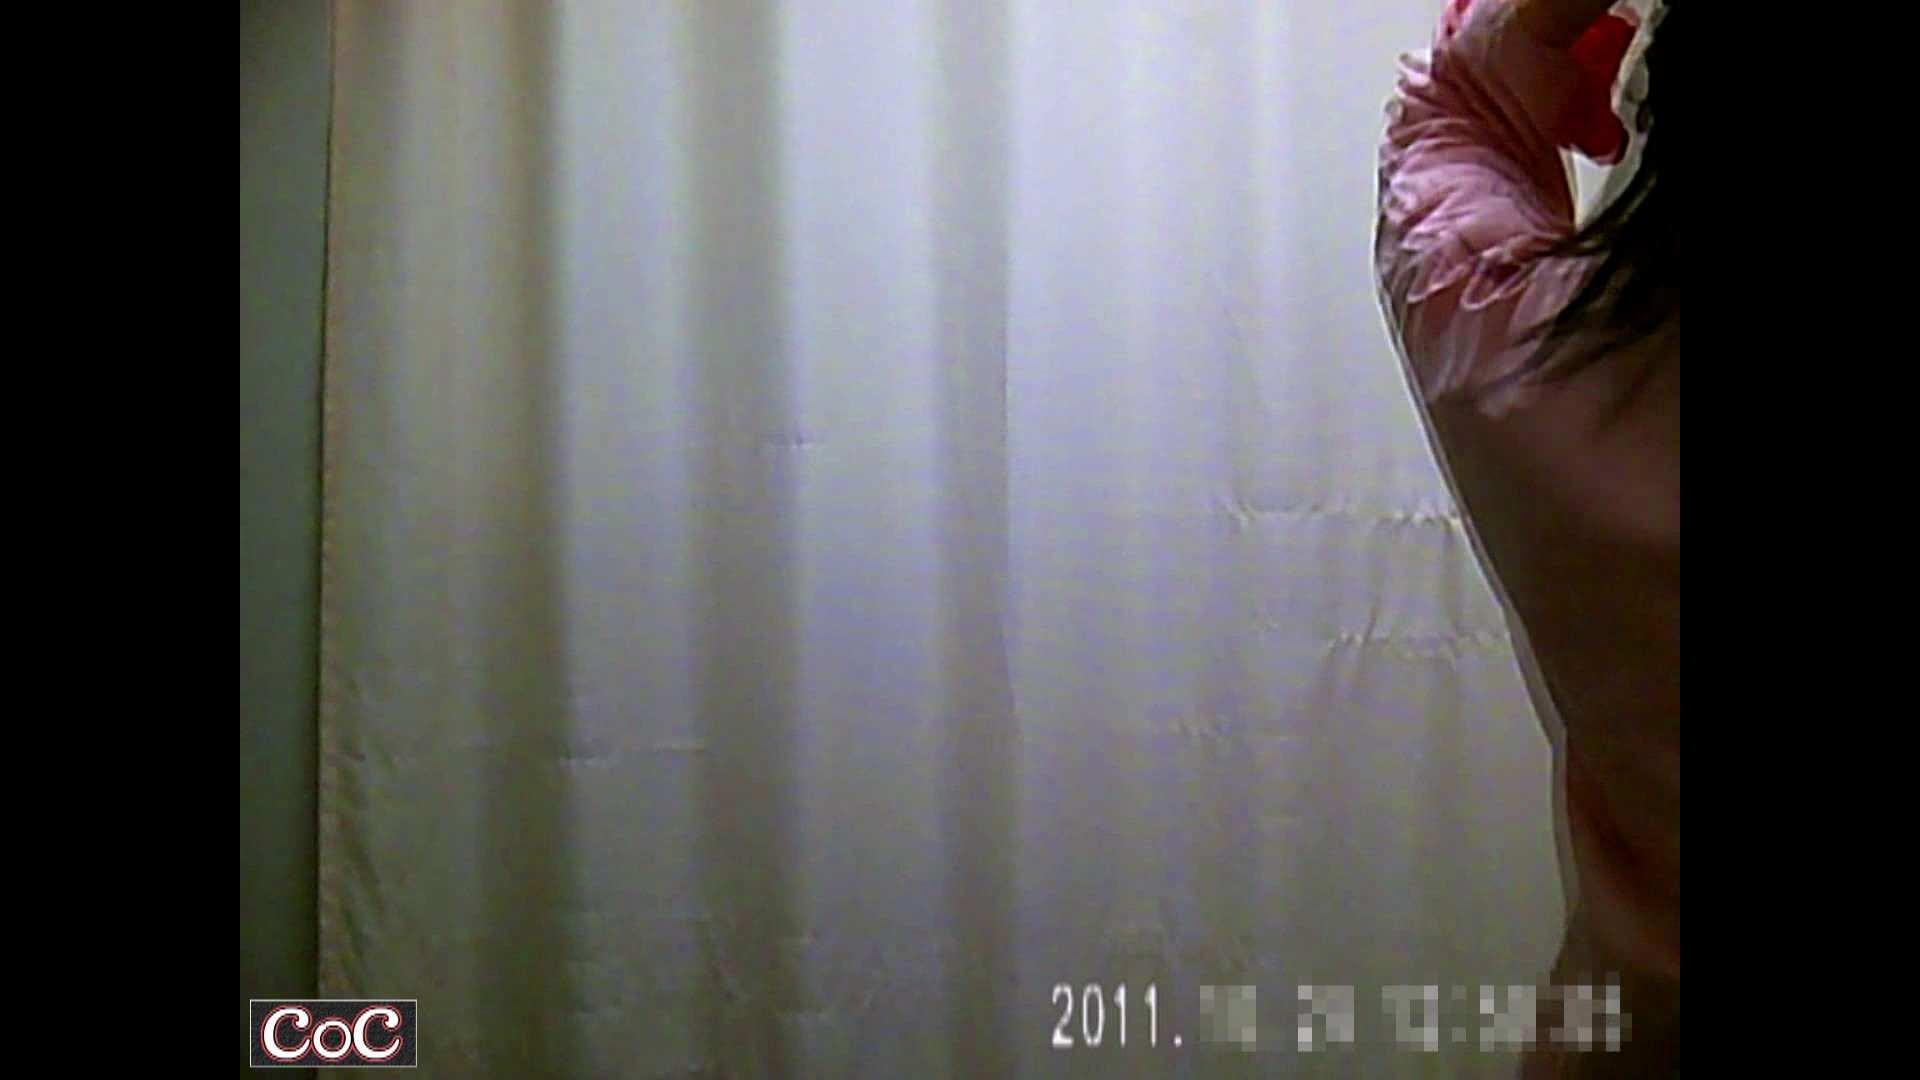 ヤリマンのオマンコ:元医者による反抗 更衣室地獄絵巻 vol.226:怪盗ジョーカー